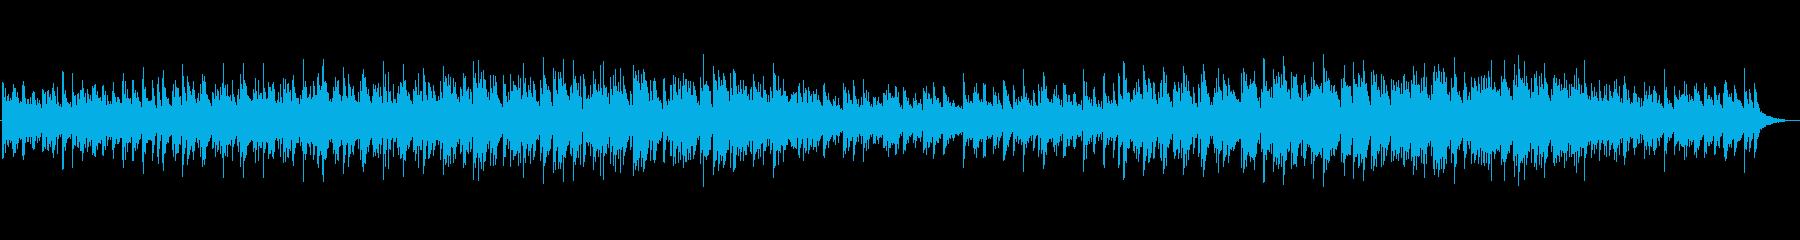 【リズム無し】秋の夜の心落ち着くアコギBの再生済みの波形